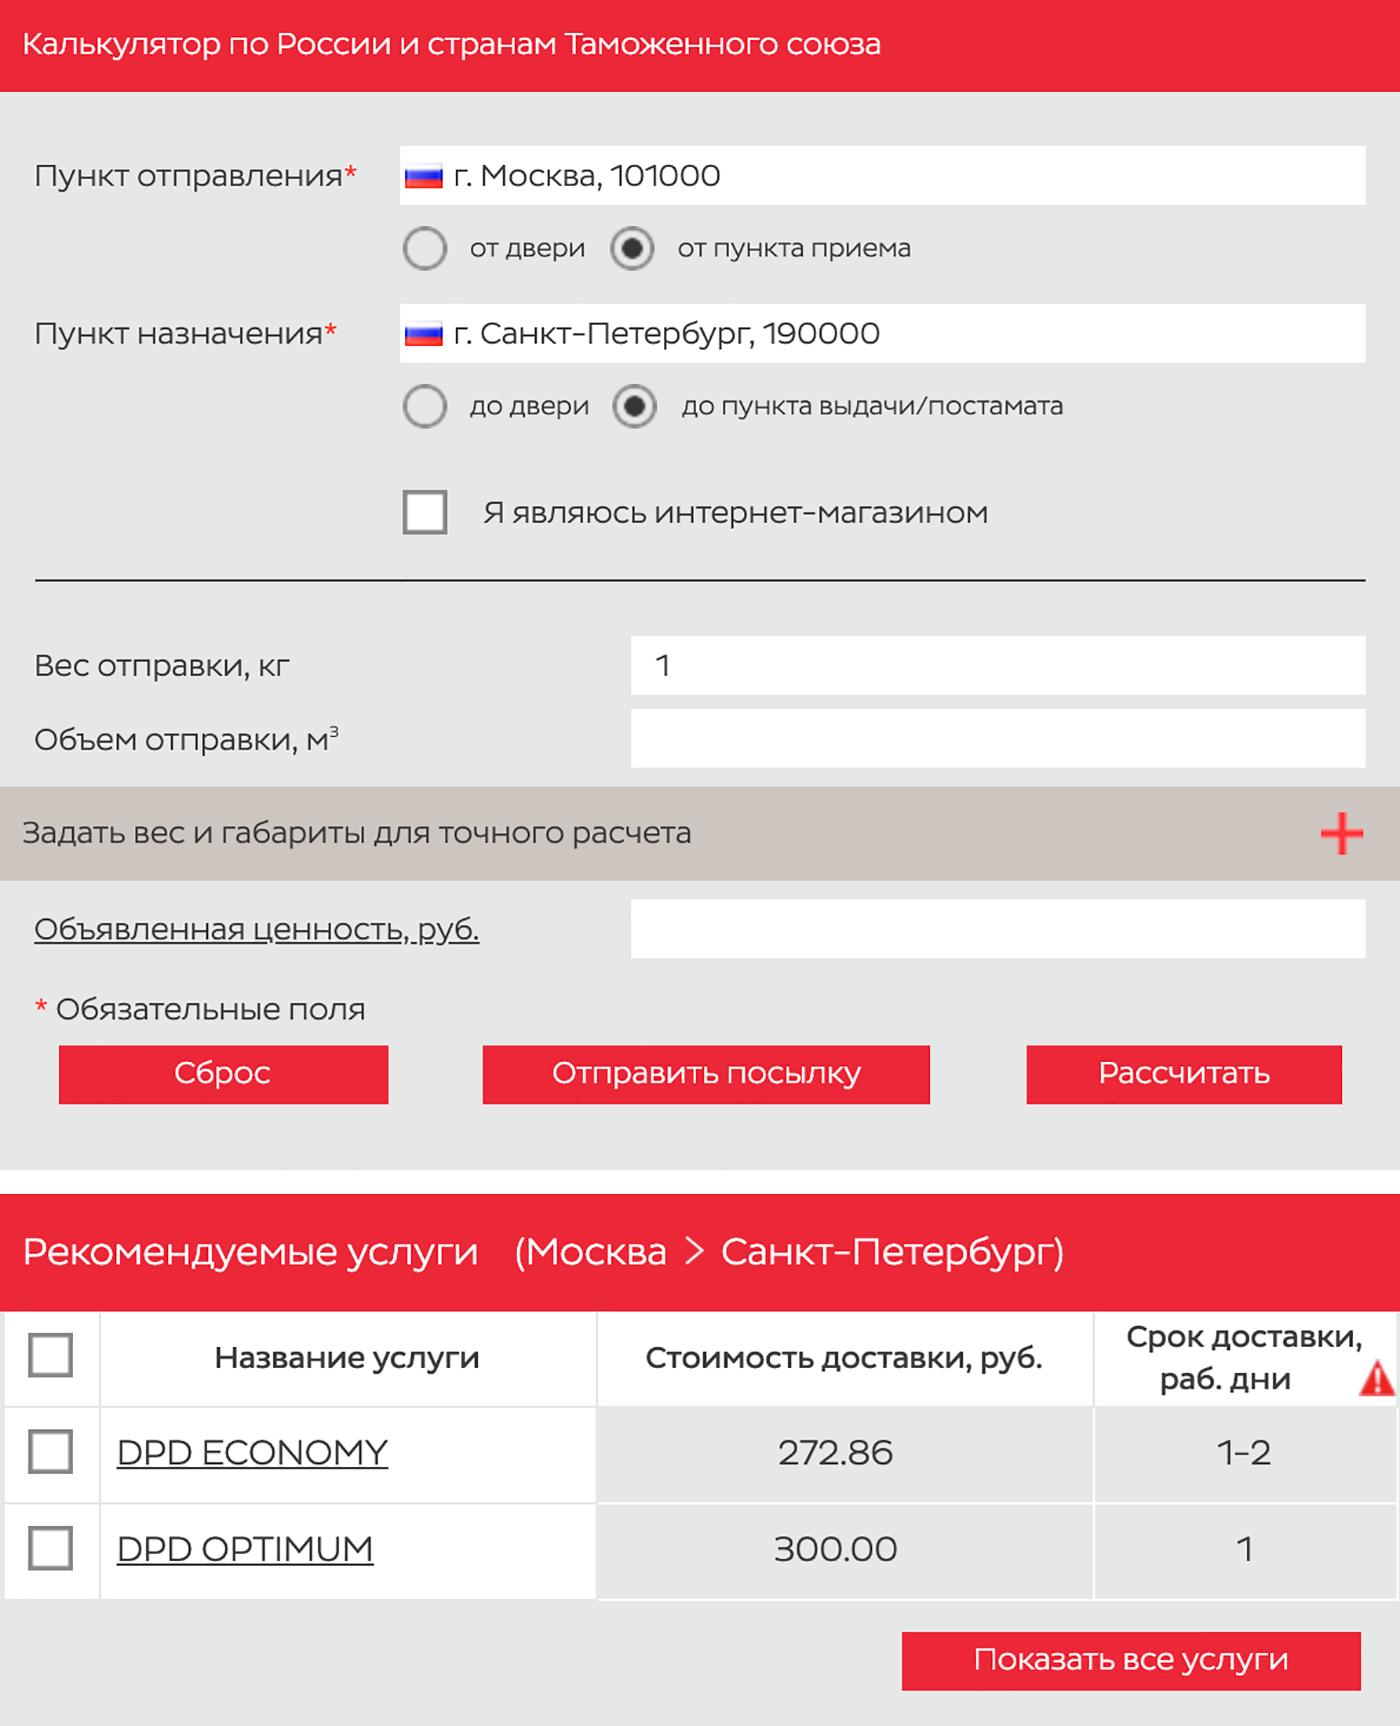 Если заказать доставку от двери до двери, то цена вырастет до 408<span class=ruble>Р</span>